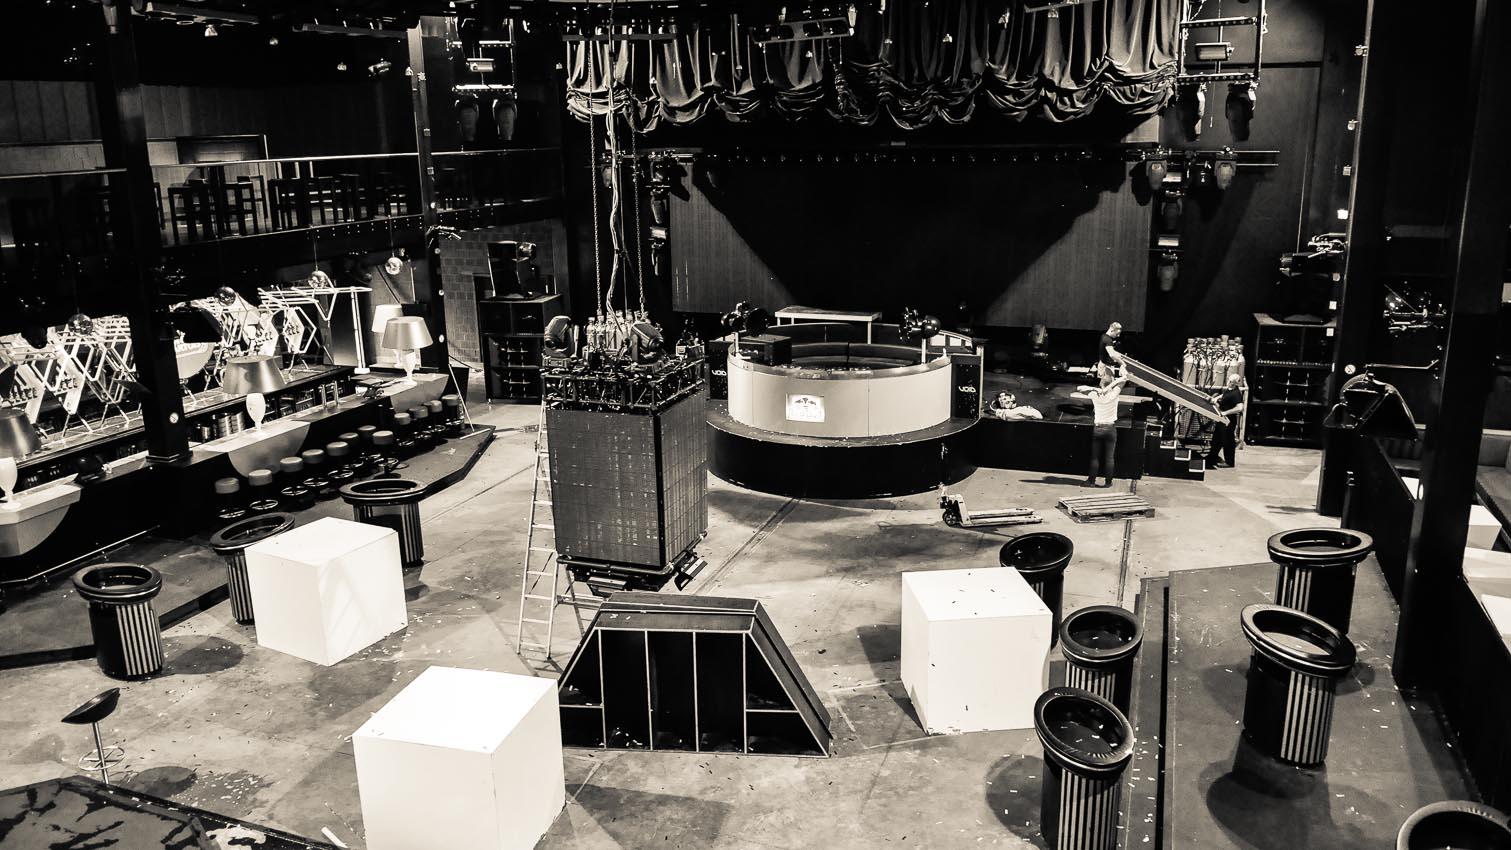 16-cafe-bar-resto-nightclub-decors-film-cinema-photo-belgium-bruxelles